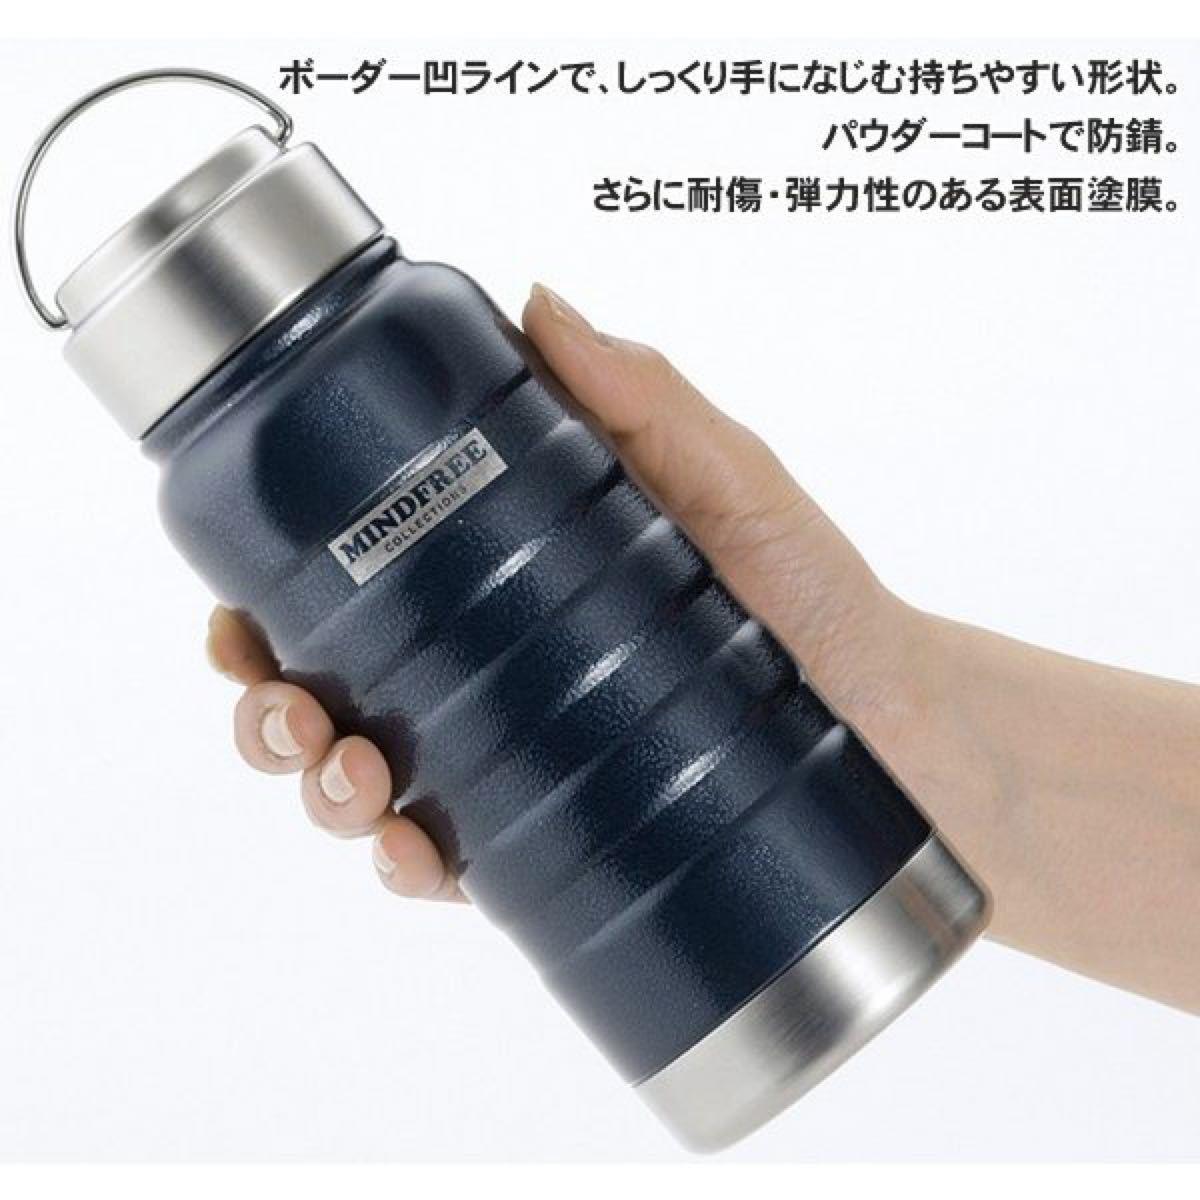 真空二重構造ステンレスボトル550mL MINDFREE 1本 白・紺